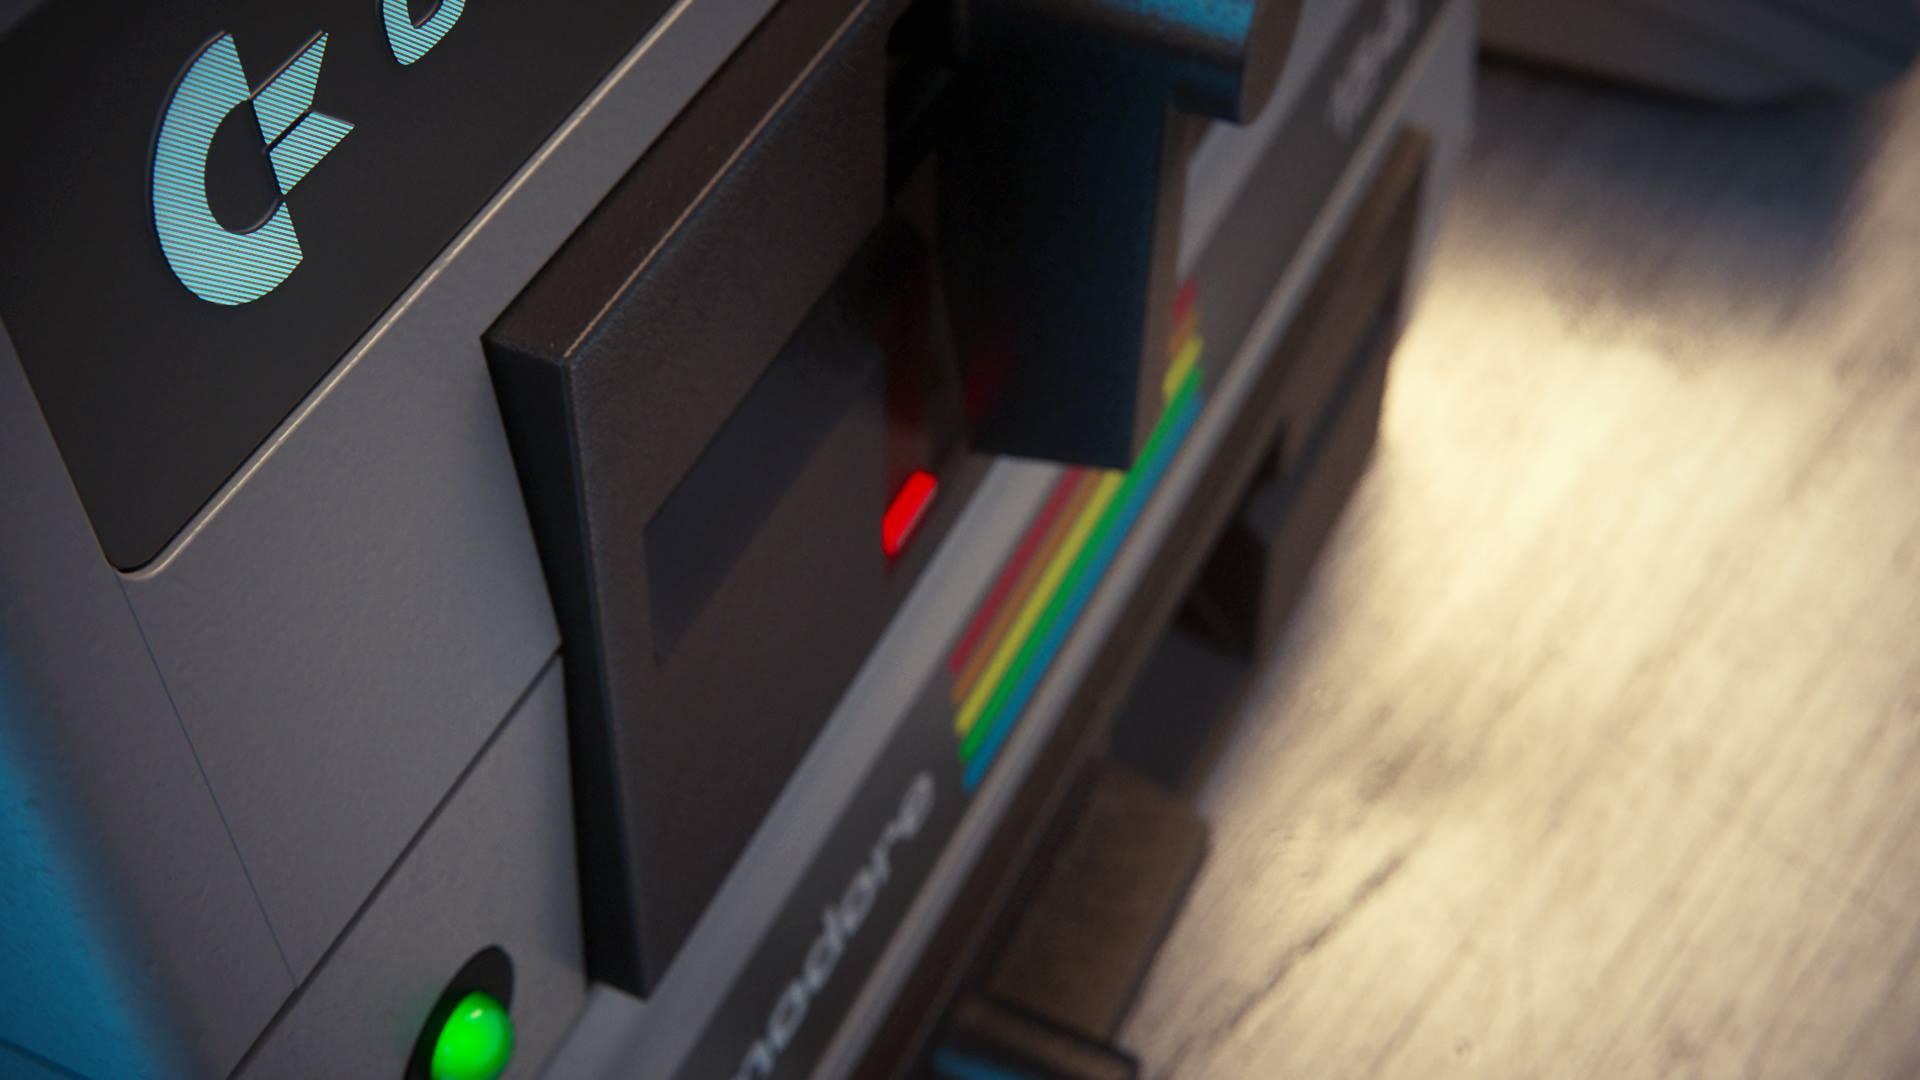 c64-render-3